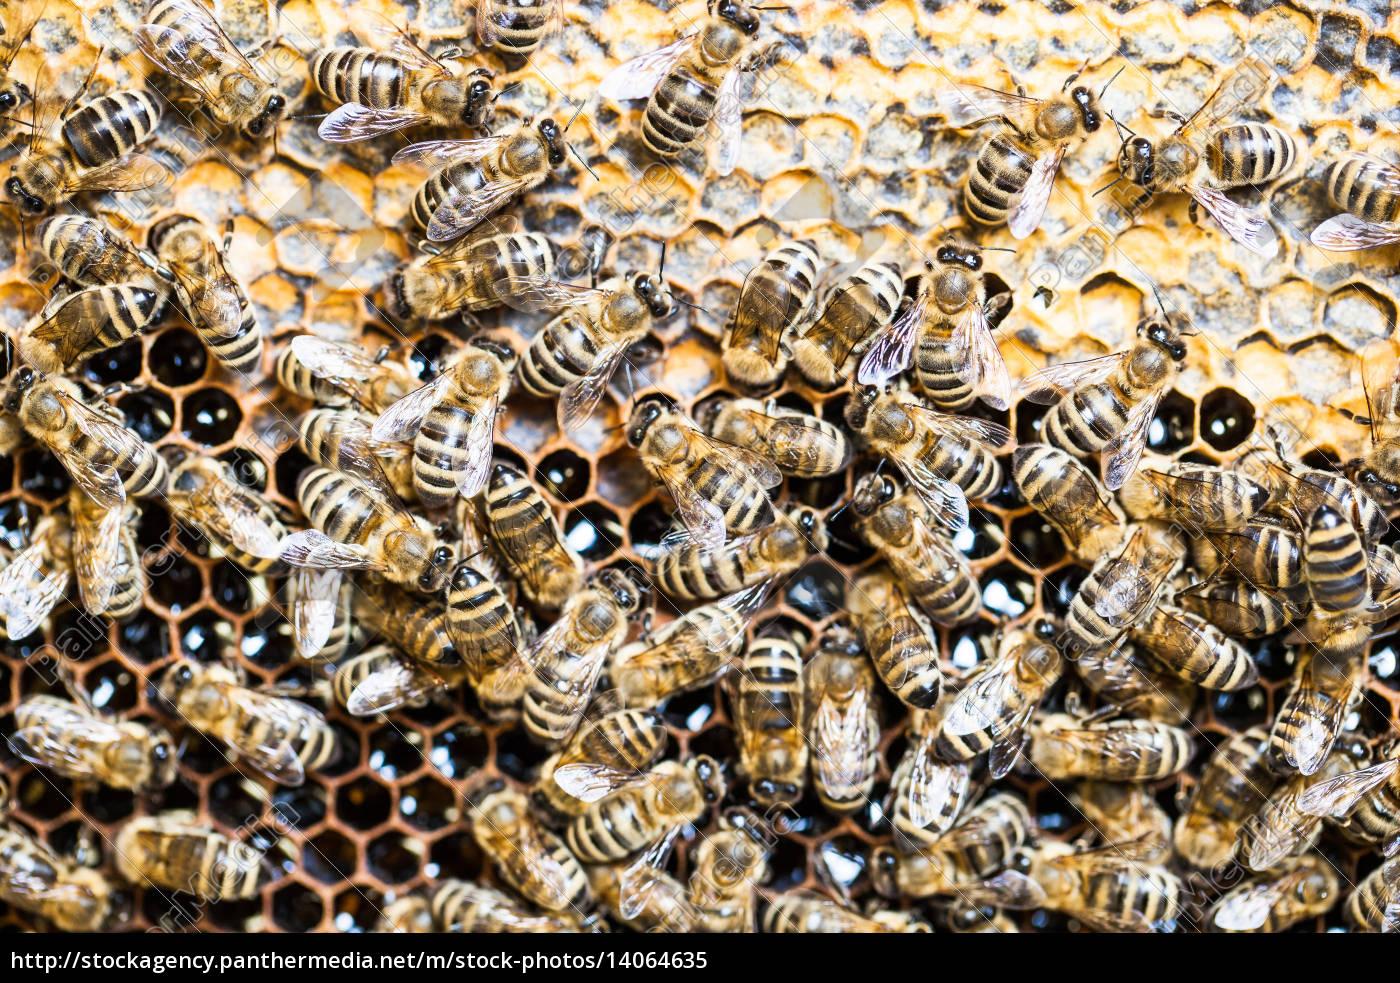 macro, shot, of, bees, swarming, on - 14064635